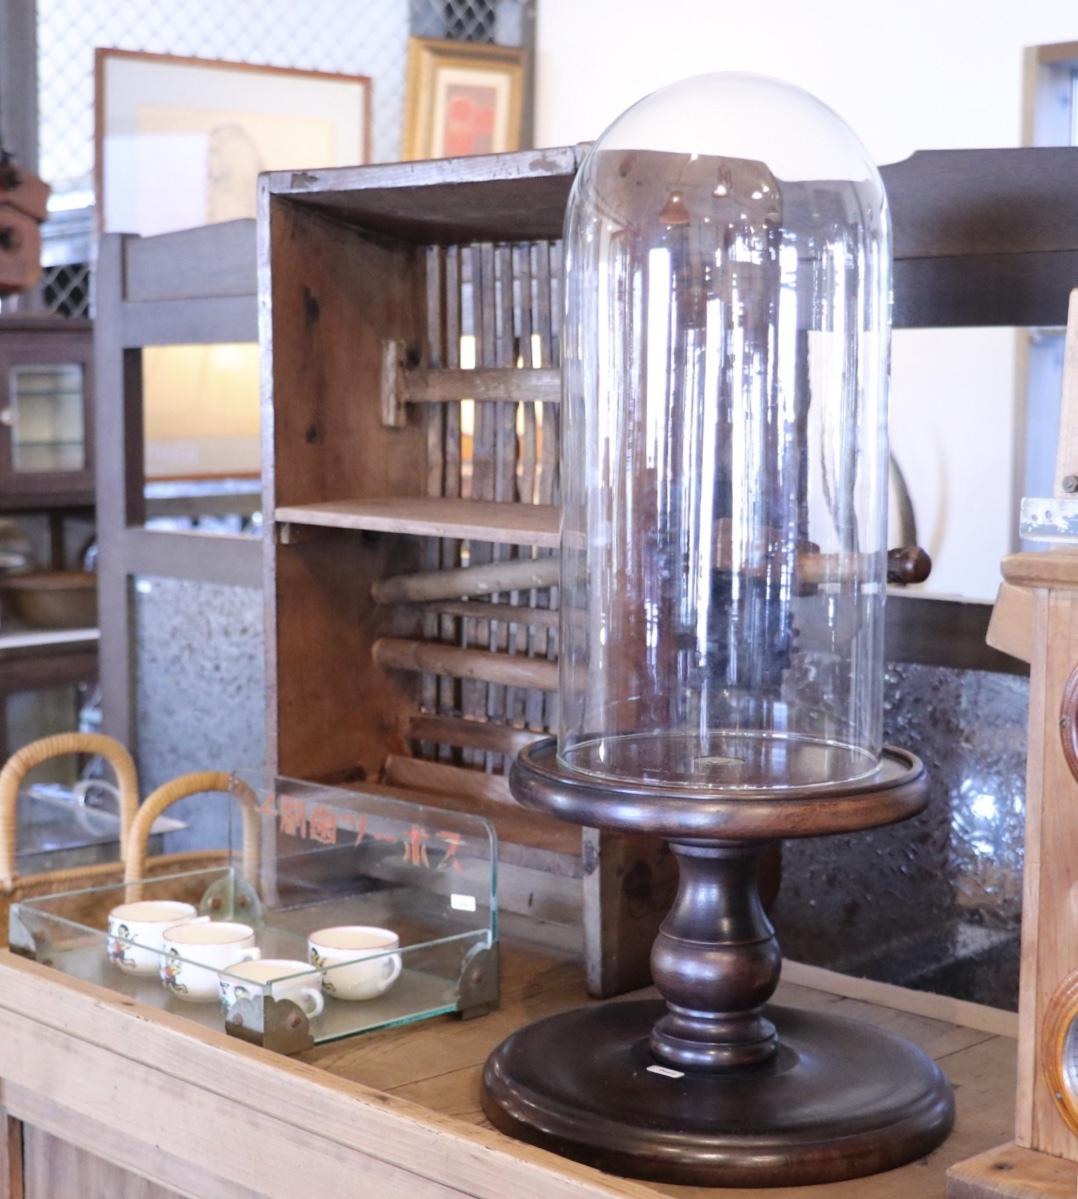 徳島の骨董買取店コユメヤです。古いもの古道具アンティーク無料出張買取!_d0172694_20345150.jpeg